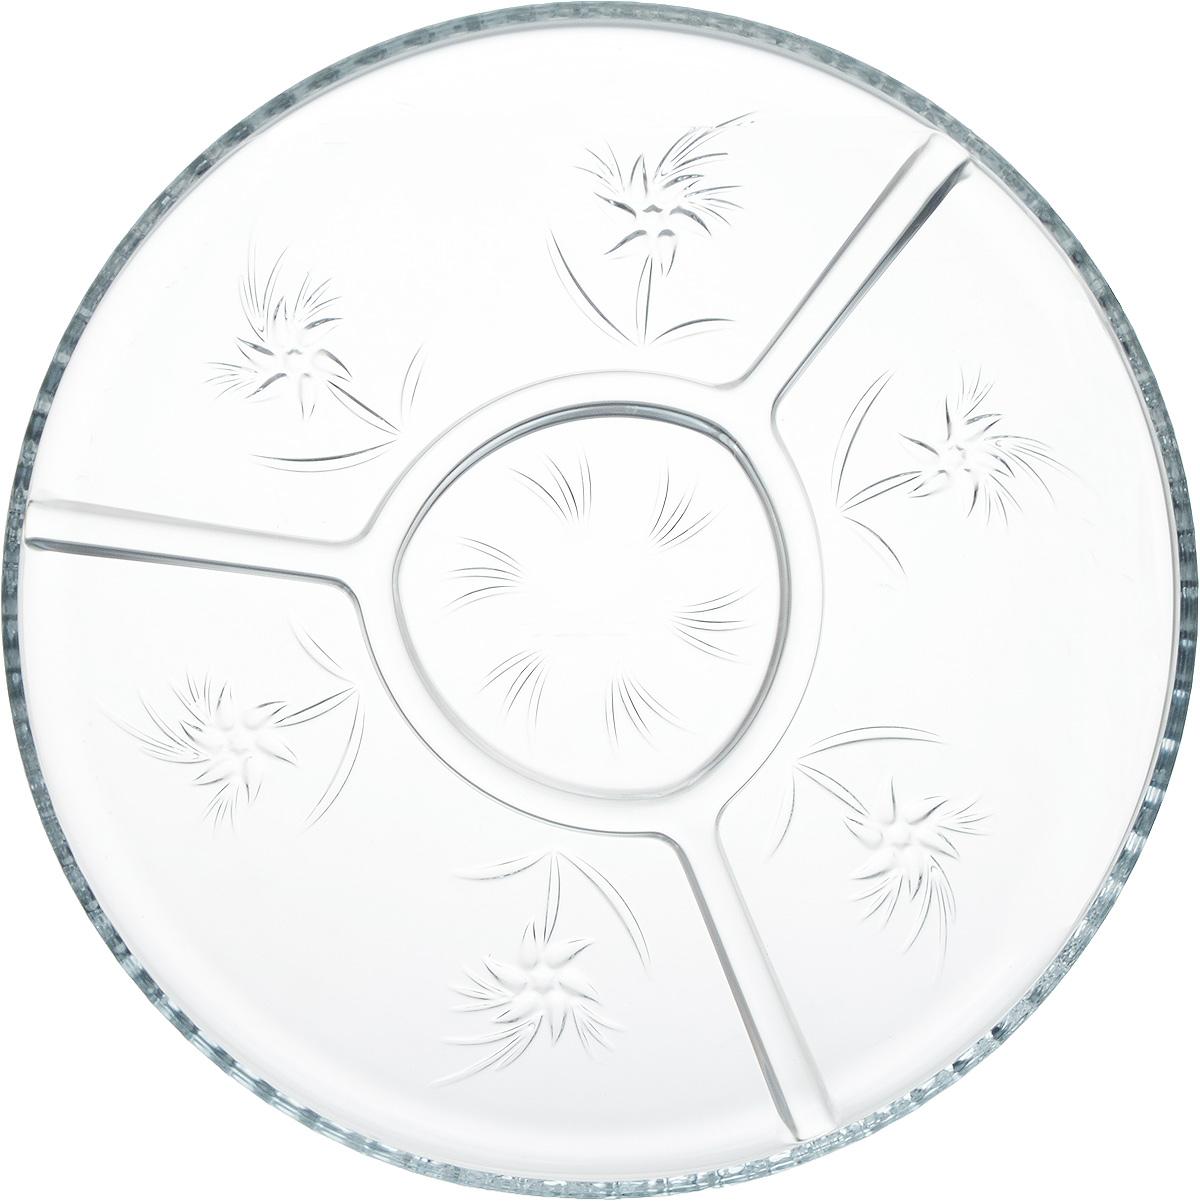 Блюдо Isfahan Simin, диаметр 27 см509Блюдо Isfahan Simin, выполненное из высококачественного стекла, оригинальноукрасит праздничный стол и поможет красиво расположить торт или пирог.Такое изделие изиранского боросиликатного стекла - новый тренд на рынке посуды. Оно легче хрусталя, но приэтом выглядит достаточно хрустально: те же грани, узоры, преломление света, блики,прозрачность, плавность краев и устойчивость дна.Блюдо имеет плавные перегородки, спомощью которых можно разделить различные продукты.